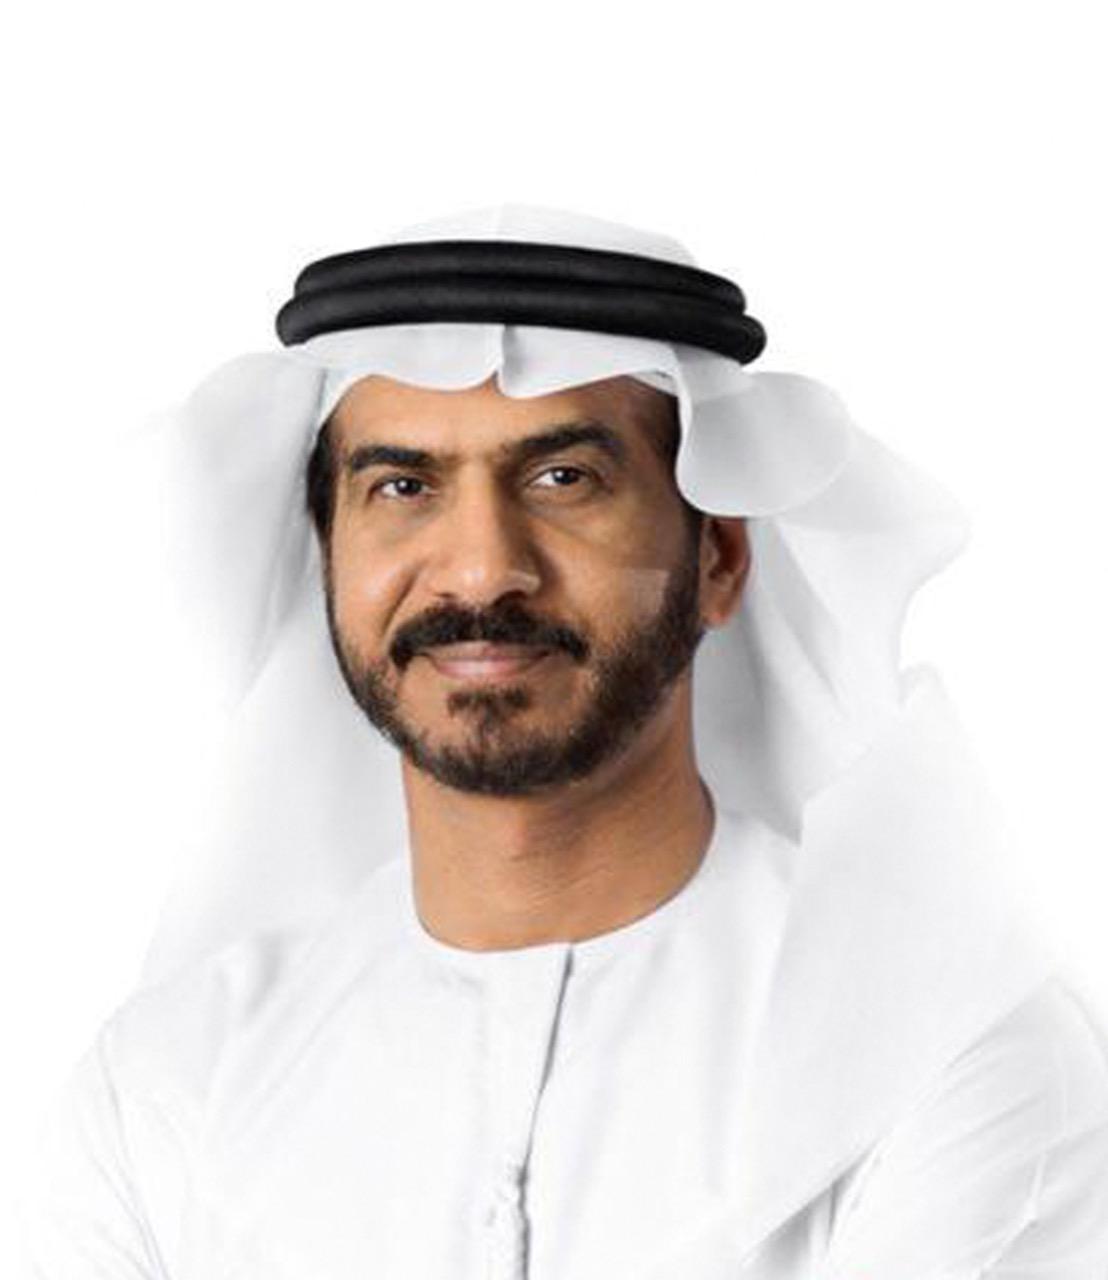 """"""" أبوظبي للجودة"""" يعزز دور المترولوجيا في دعم القطاعات الصناعية والتجارية في الإمارة"""